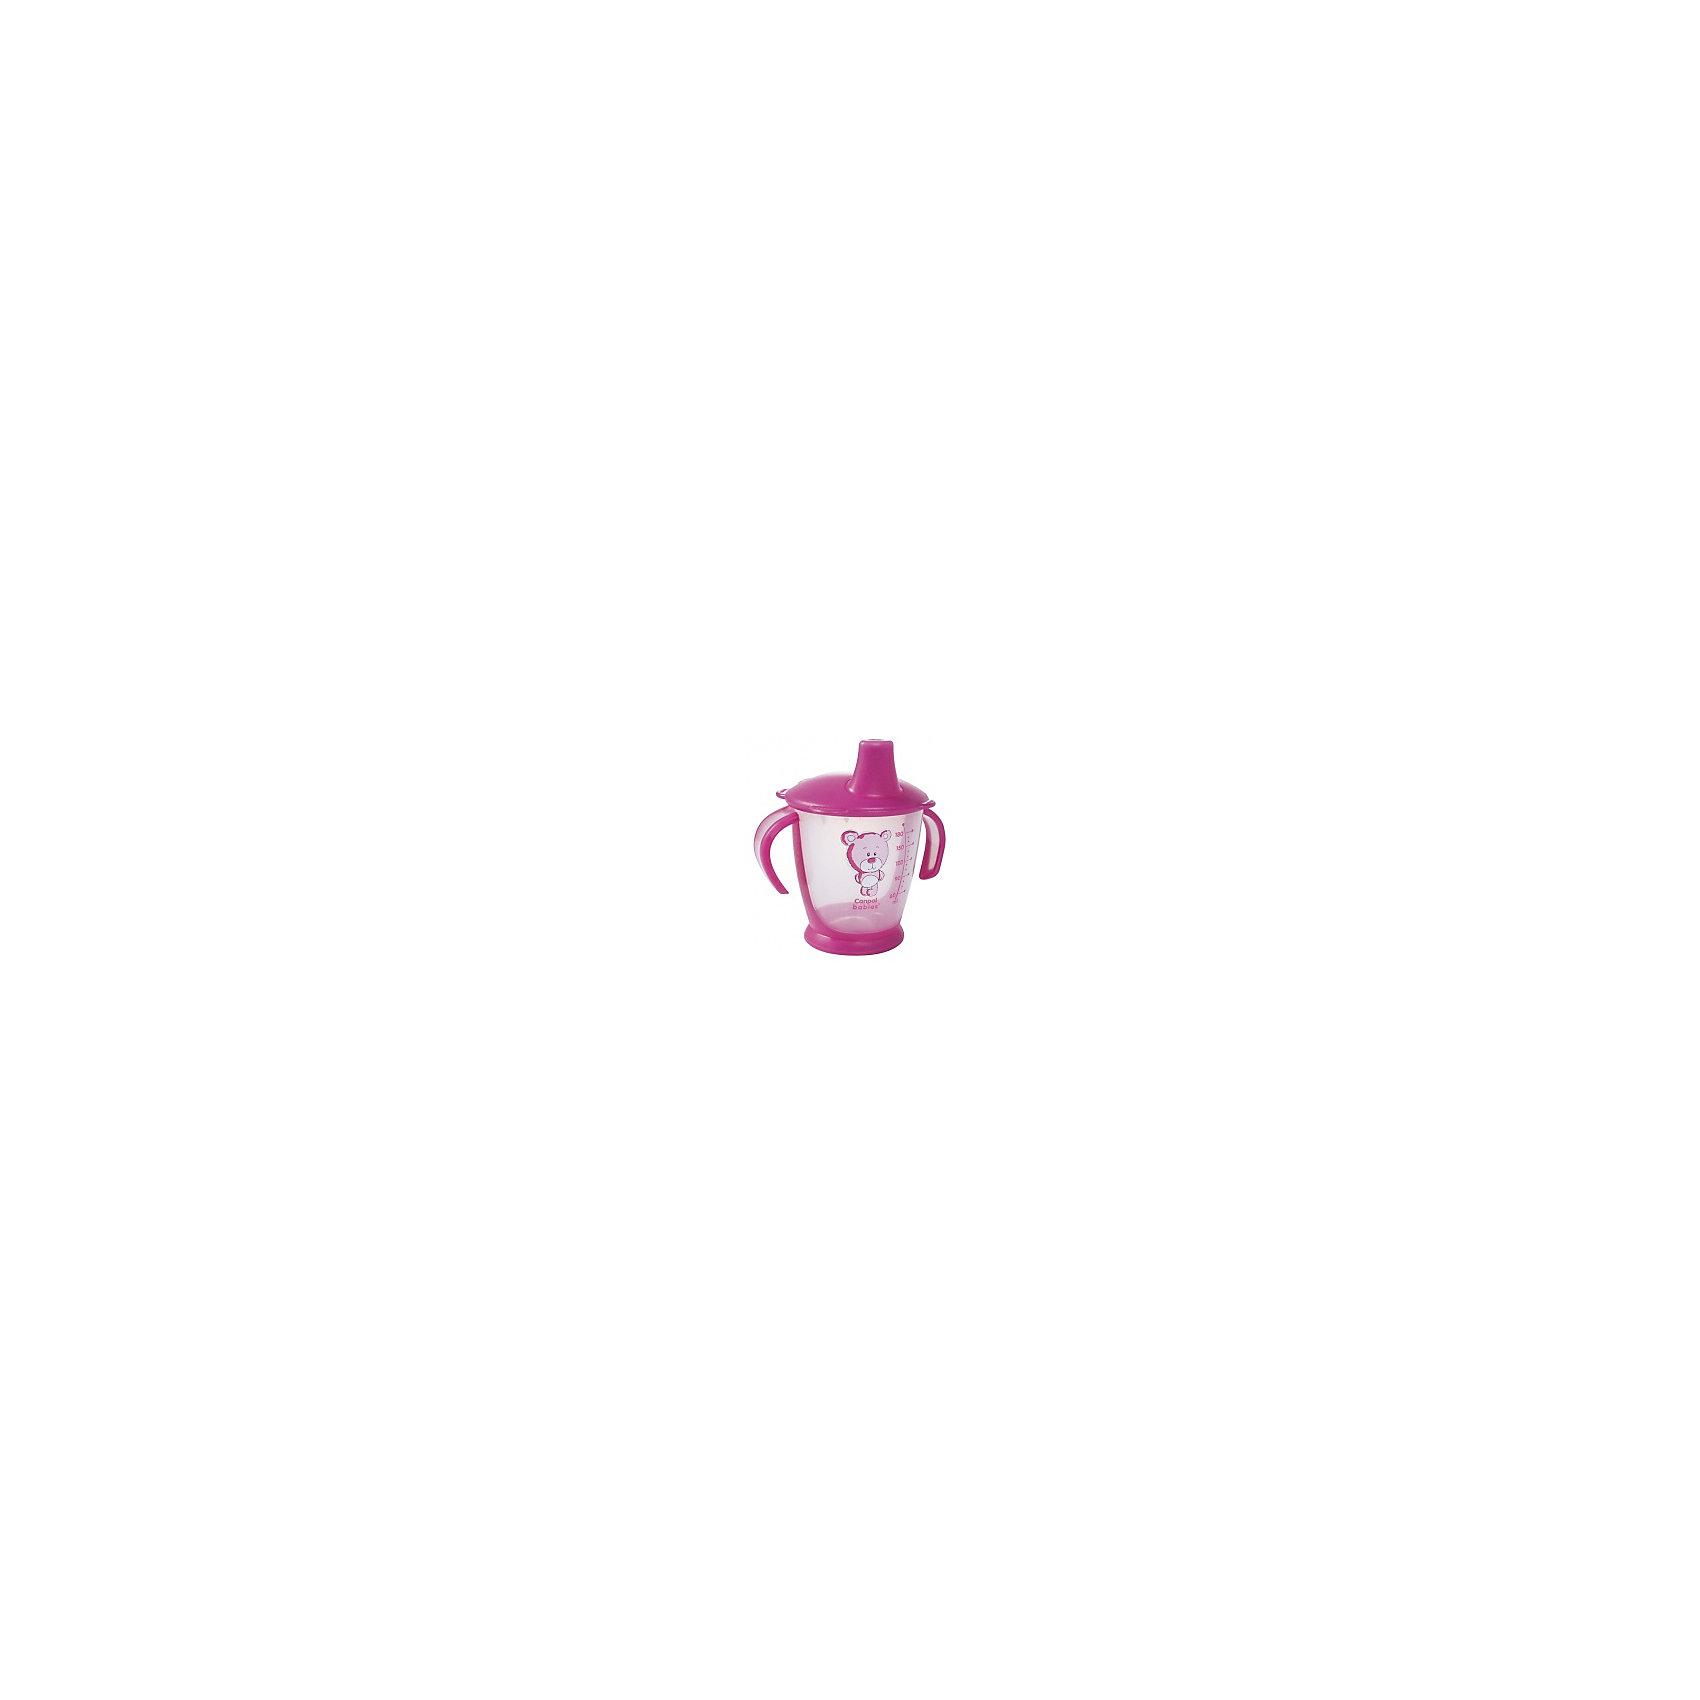 Поильник-непроливайка Медвежонок, 250 мл., Canpol Babies, розовый